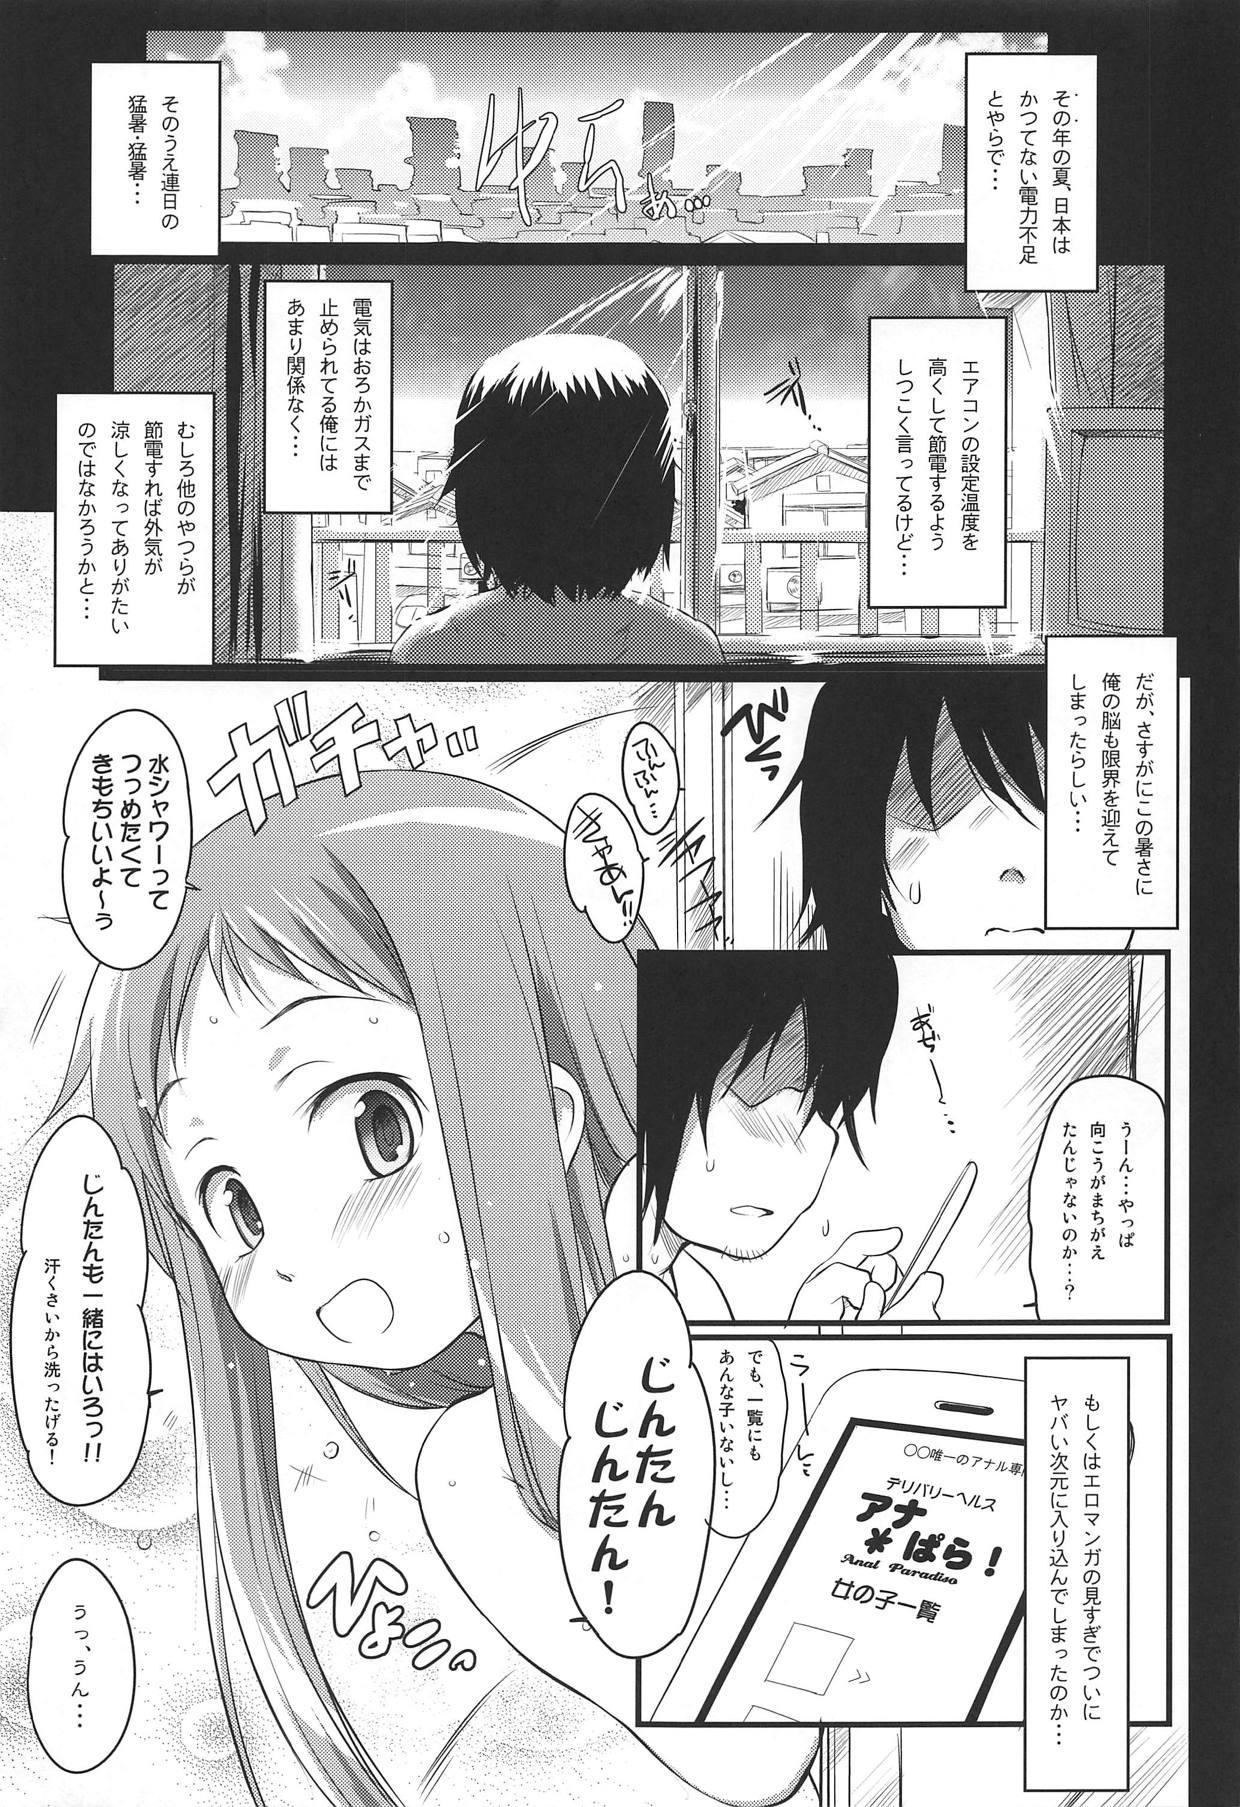 Natsu no Mamono. 3